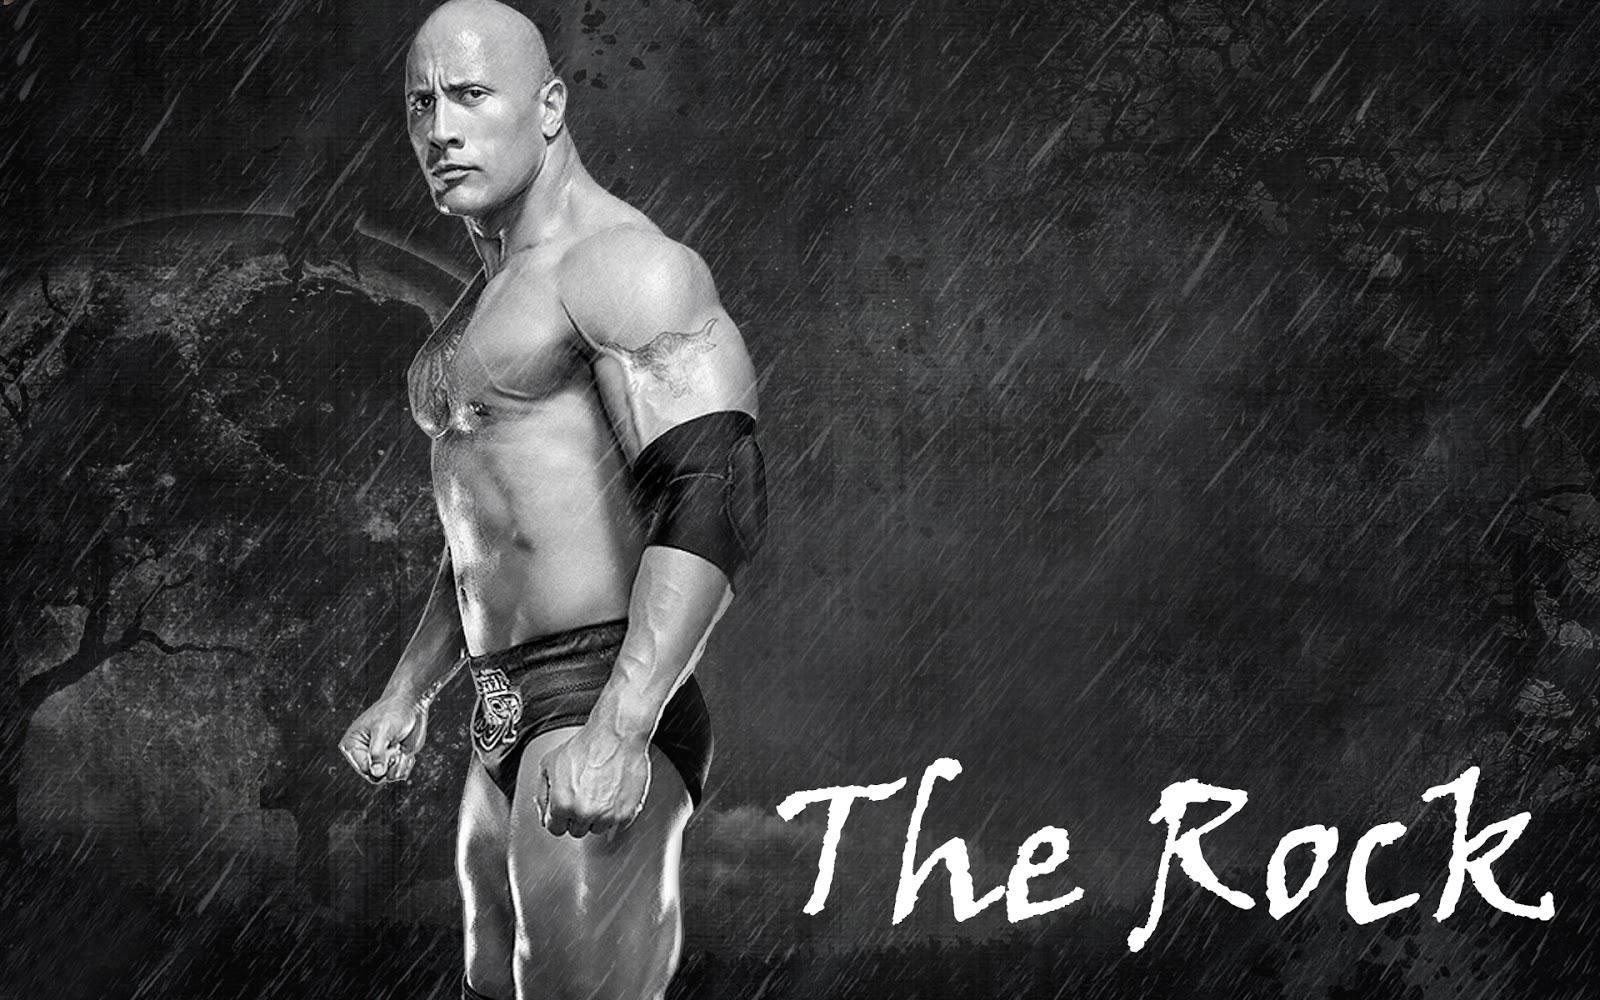 The Rock in WWE latest hd wallpaper